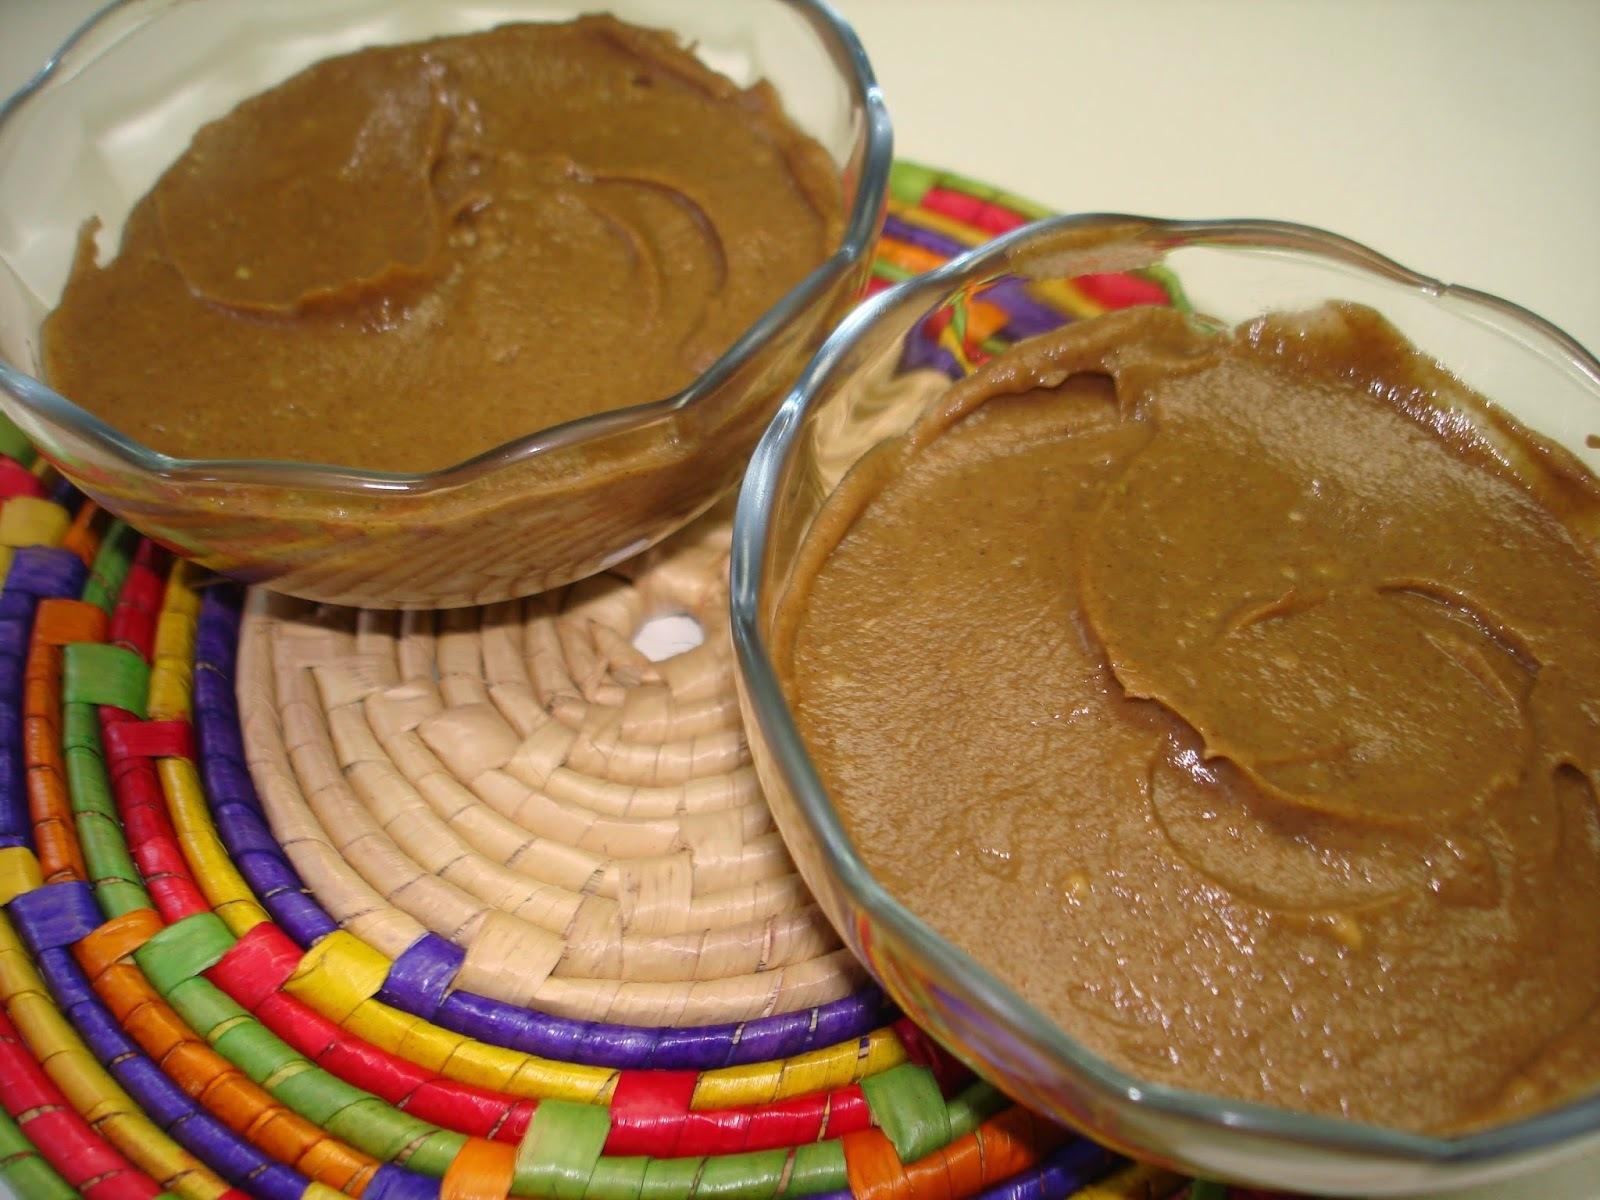 mousse de chocolate com nescau